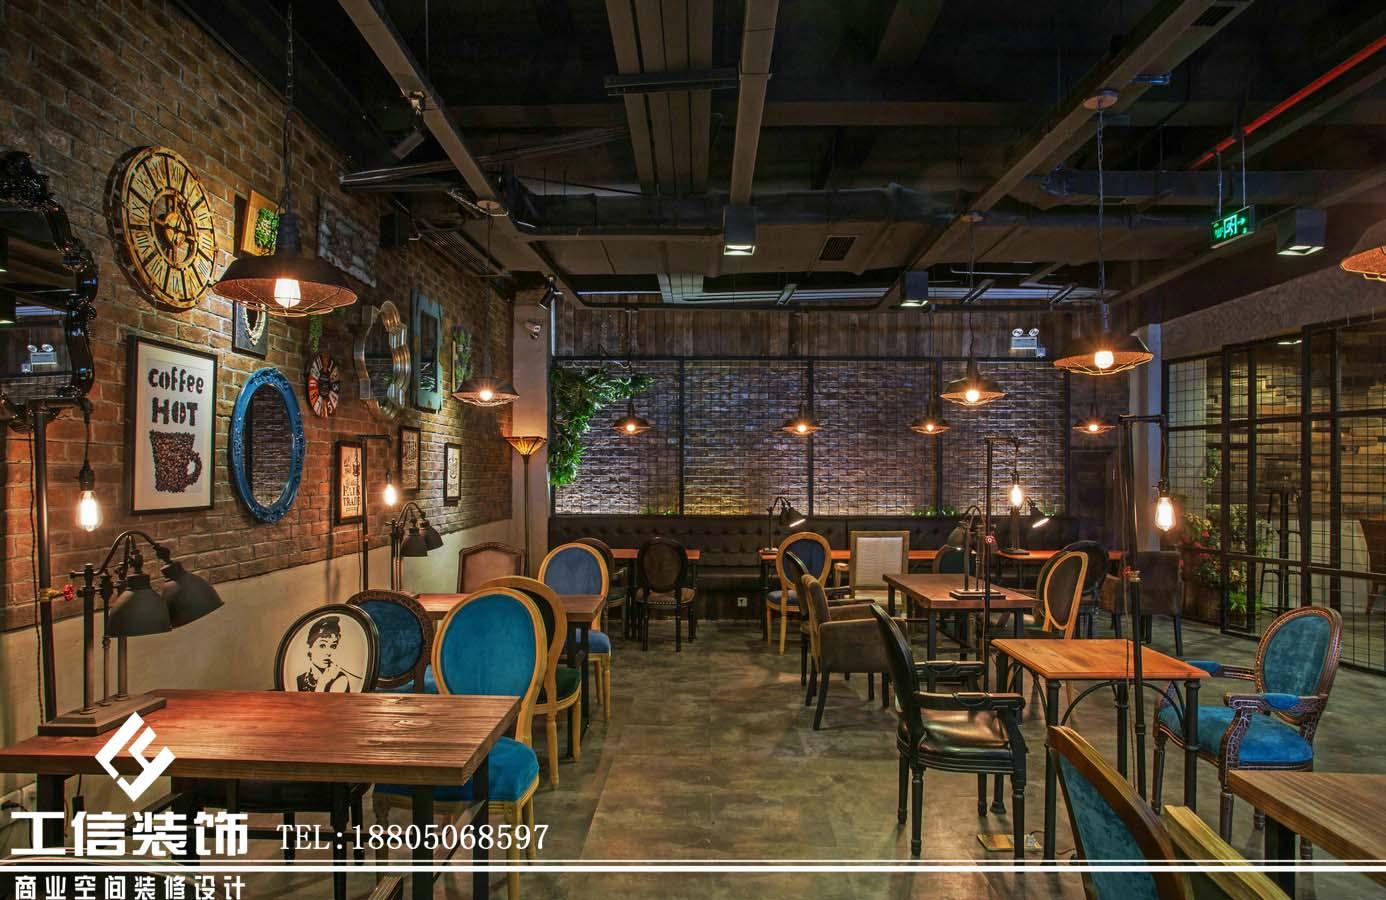 蓝鲸西餐厅